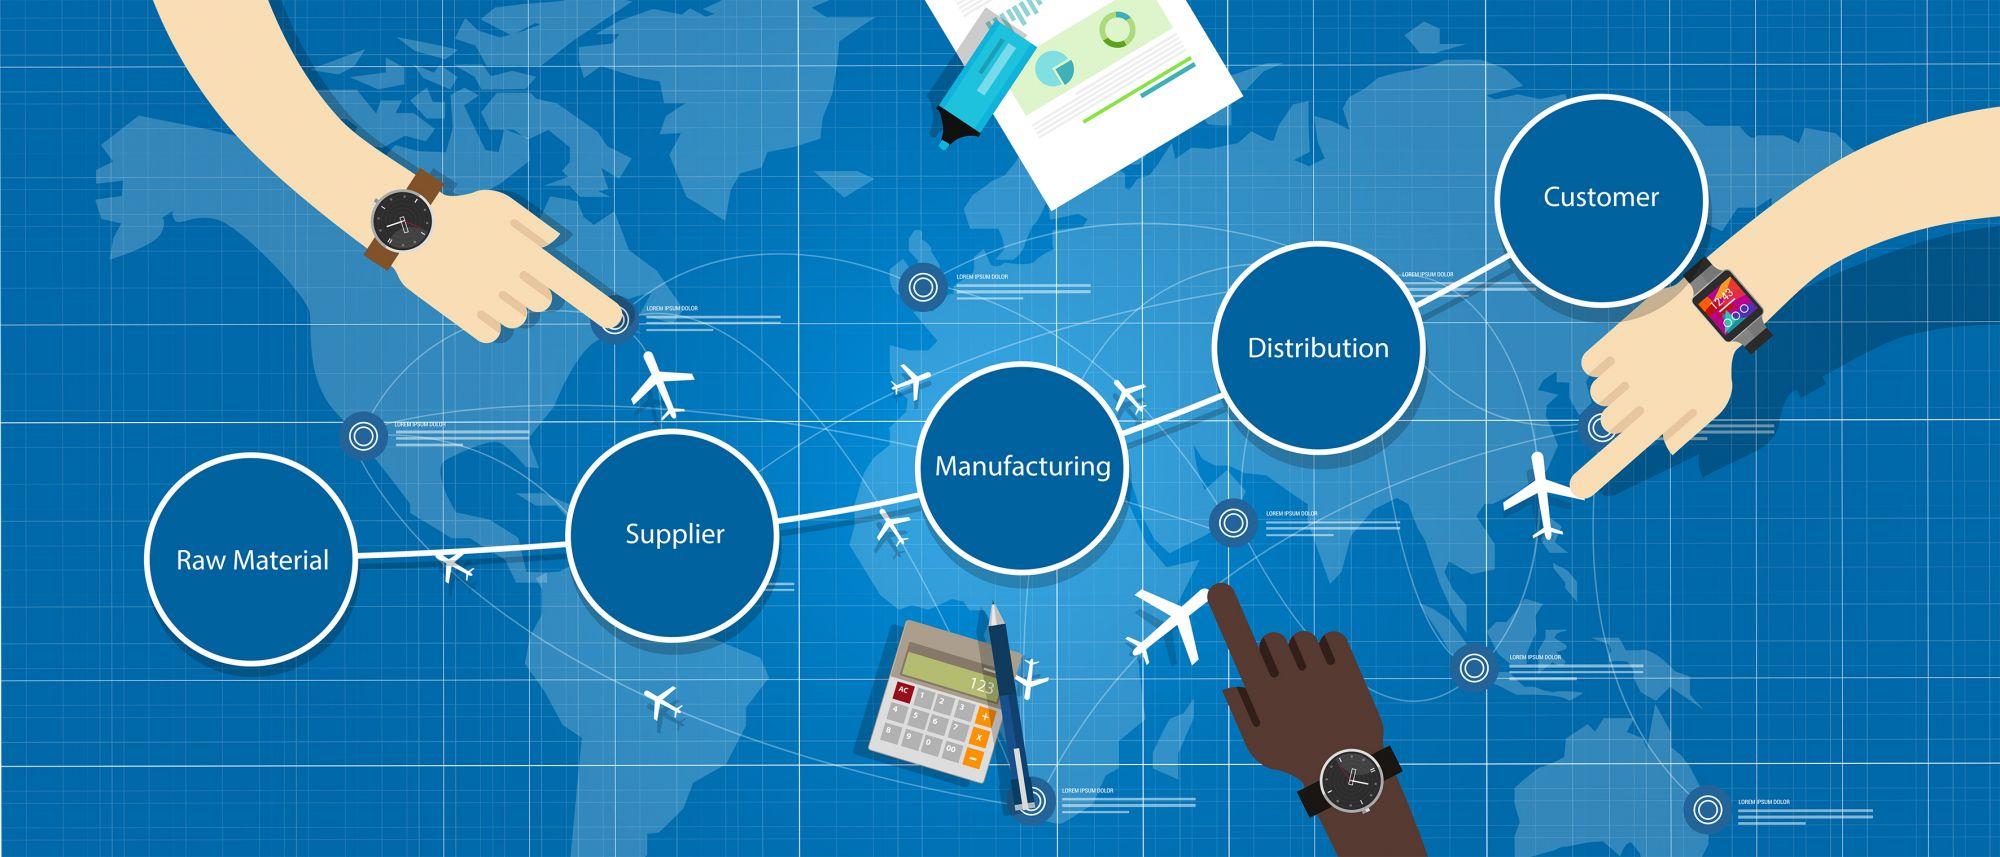 Resiliente Lieferkette - So machen Sie Ihre Supply Chain zukunftssicher